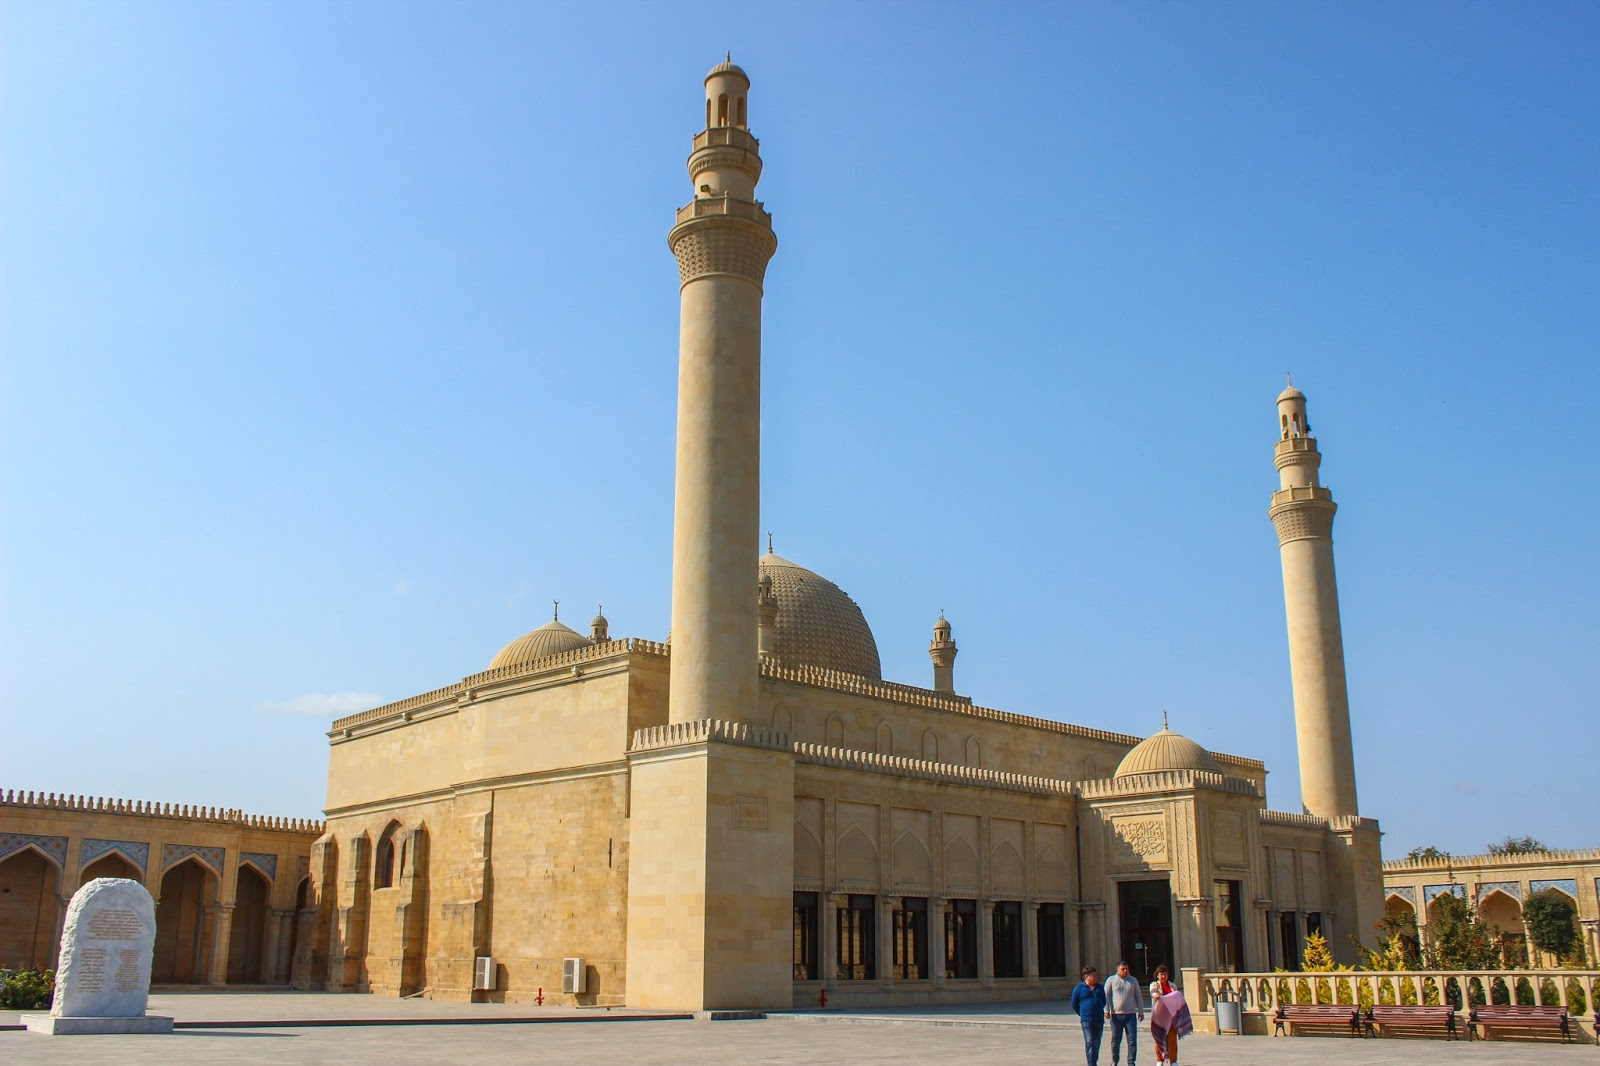 Cannundrums: Juma Mosque